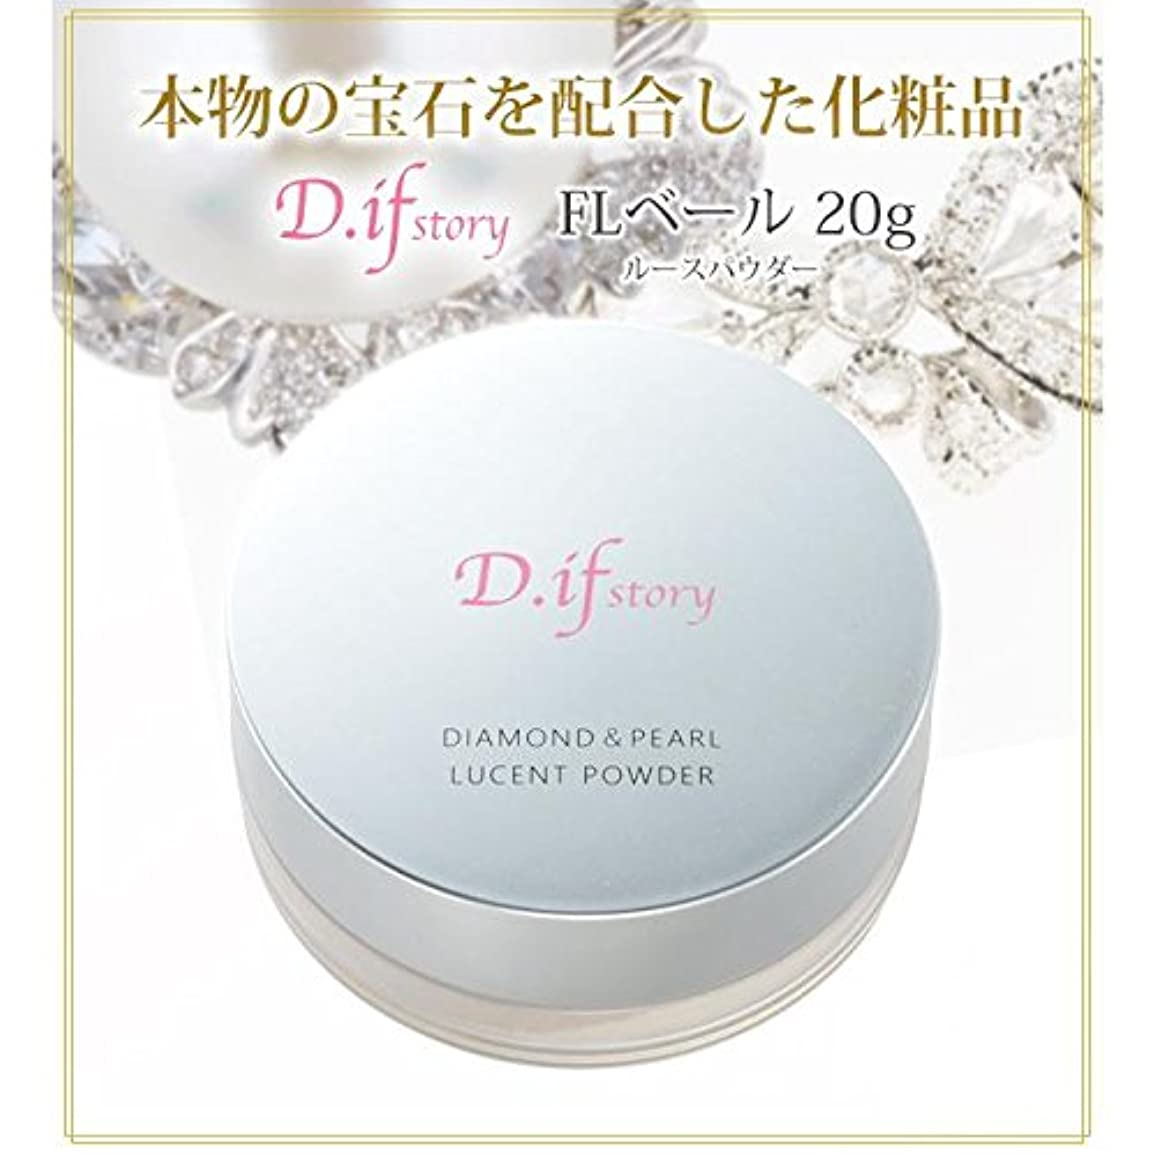 吸収ライナーマチュピチュ本物の宝石を配合した化粧品!D.ifstory (ディフストーリー) FLベール ルースパウダー 20g